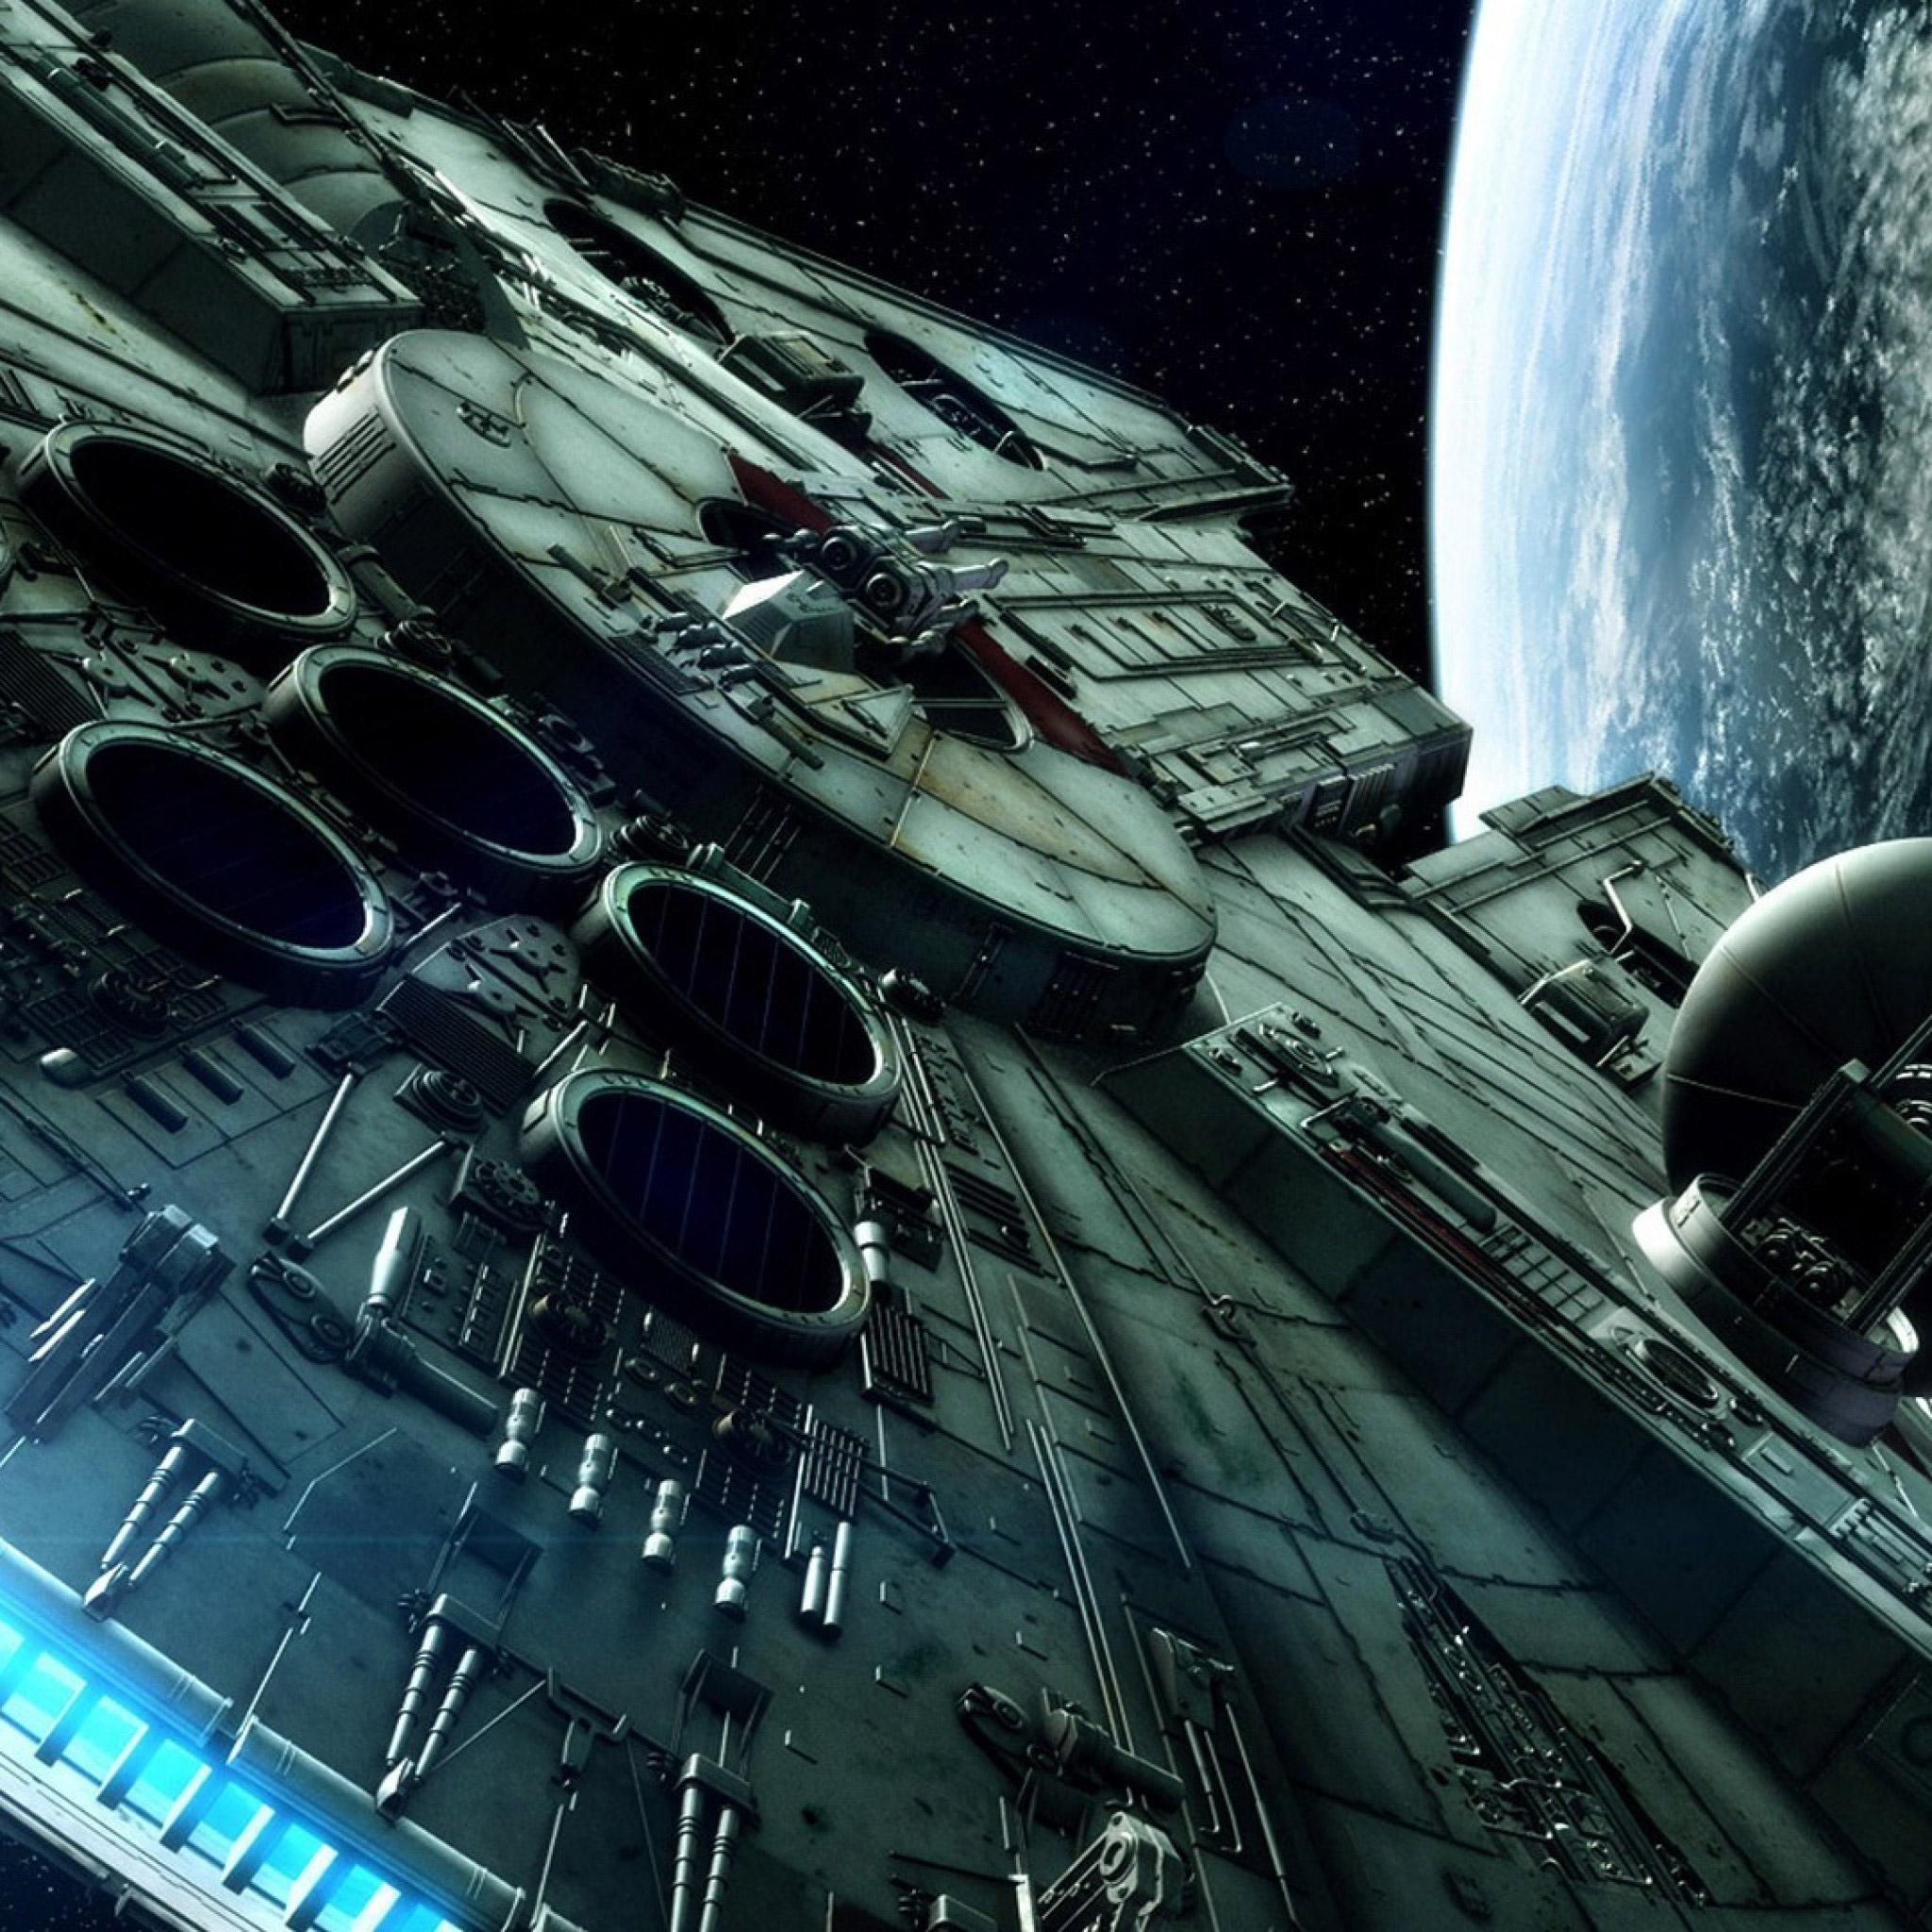 Millenium-Falcon-Star-Wars-iPad